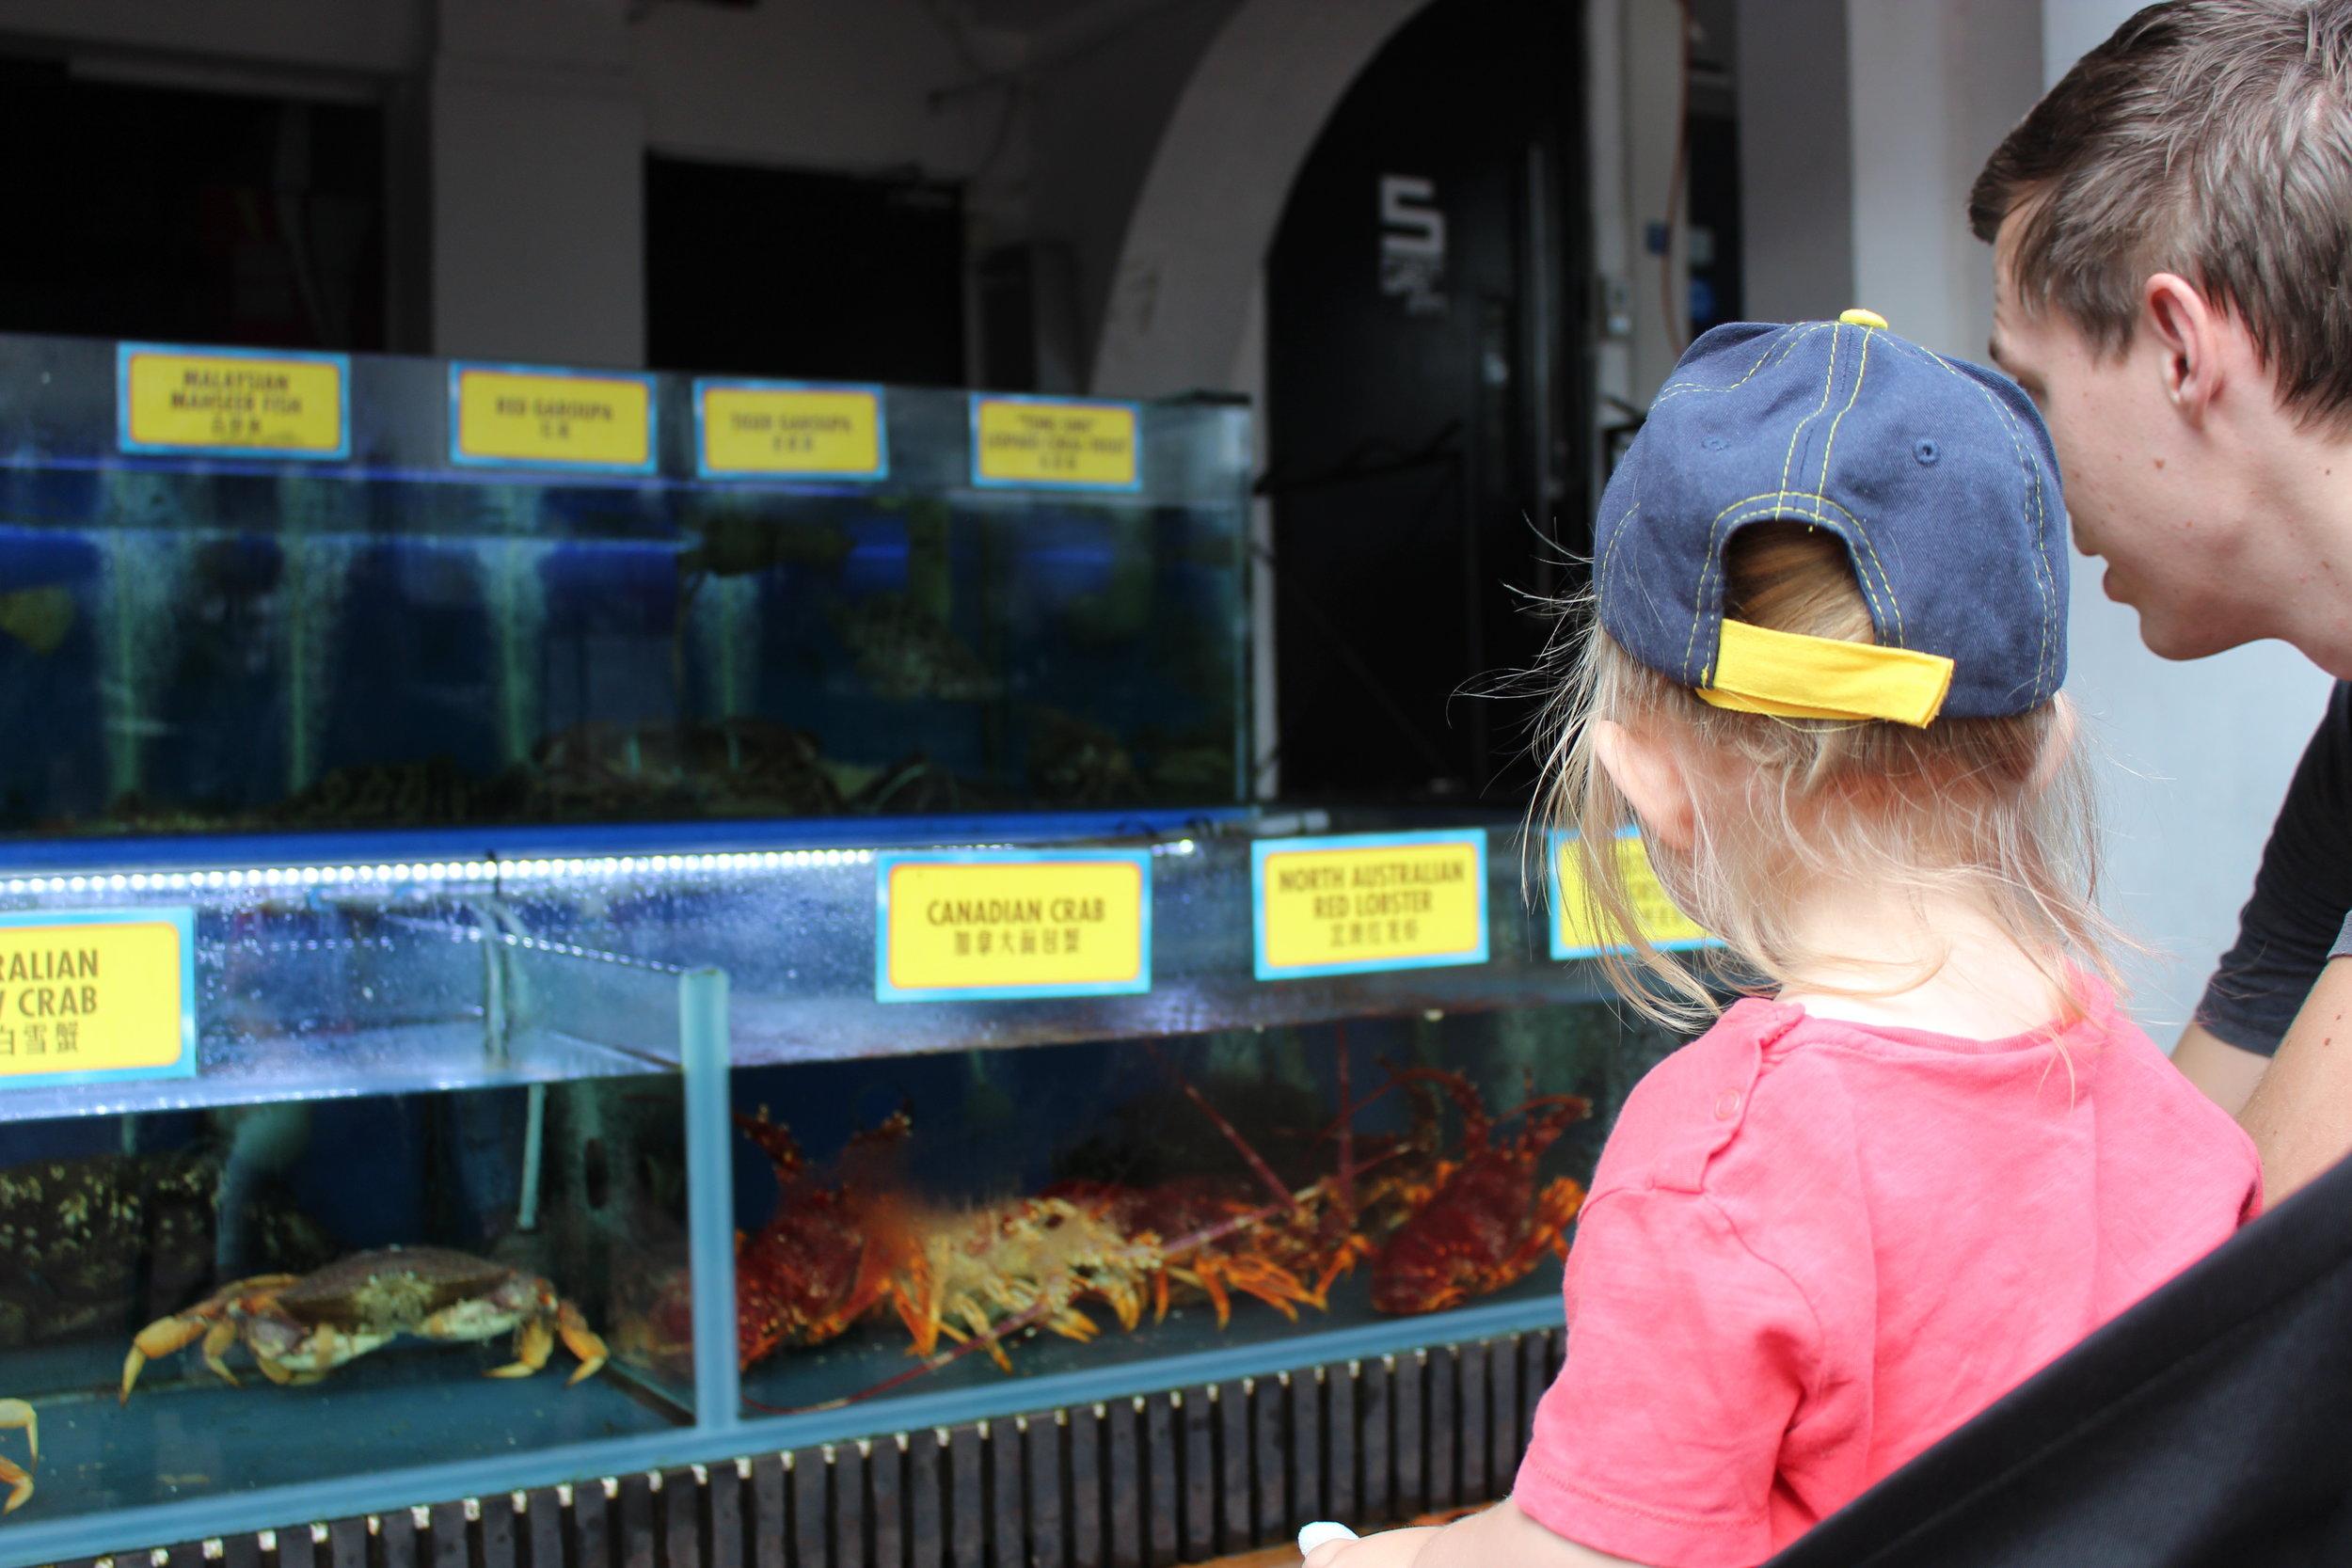 Spännande med alla fiskar och vattendjur!